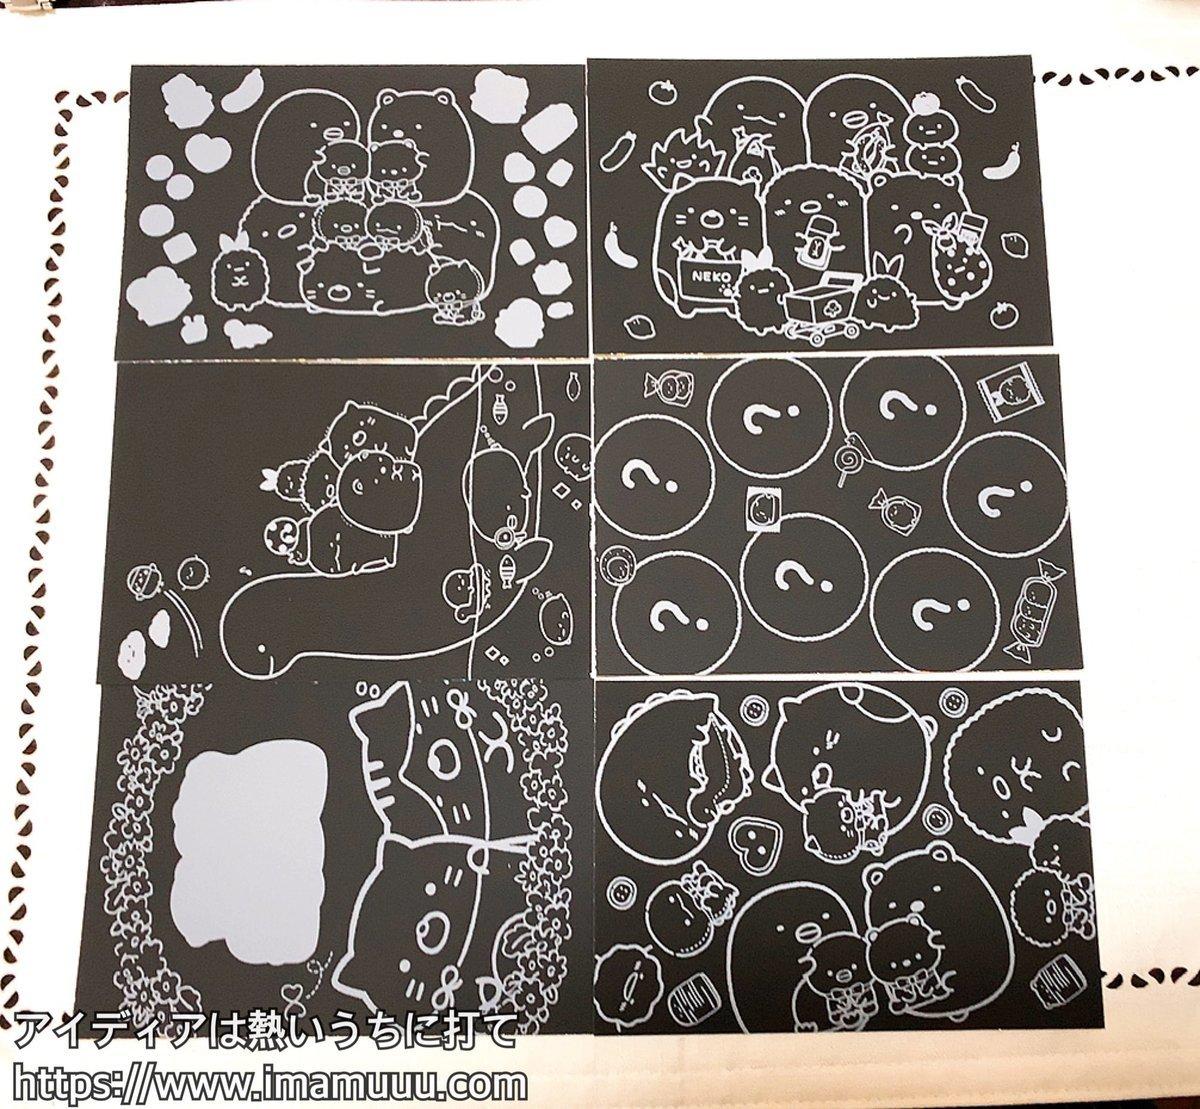 すみっコぐらしスクラッチアート6枚(ポストカードサイズ)